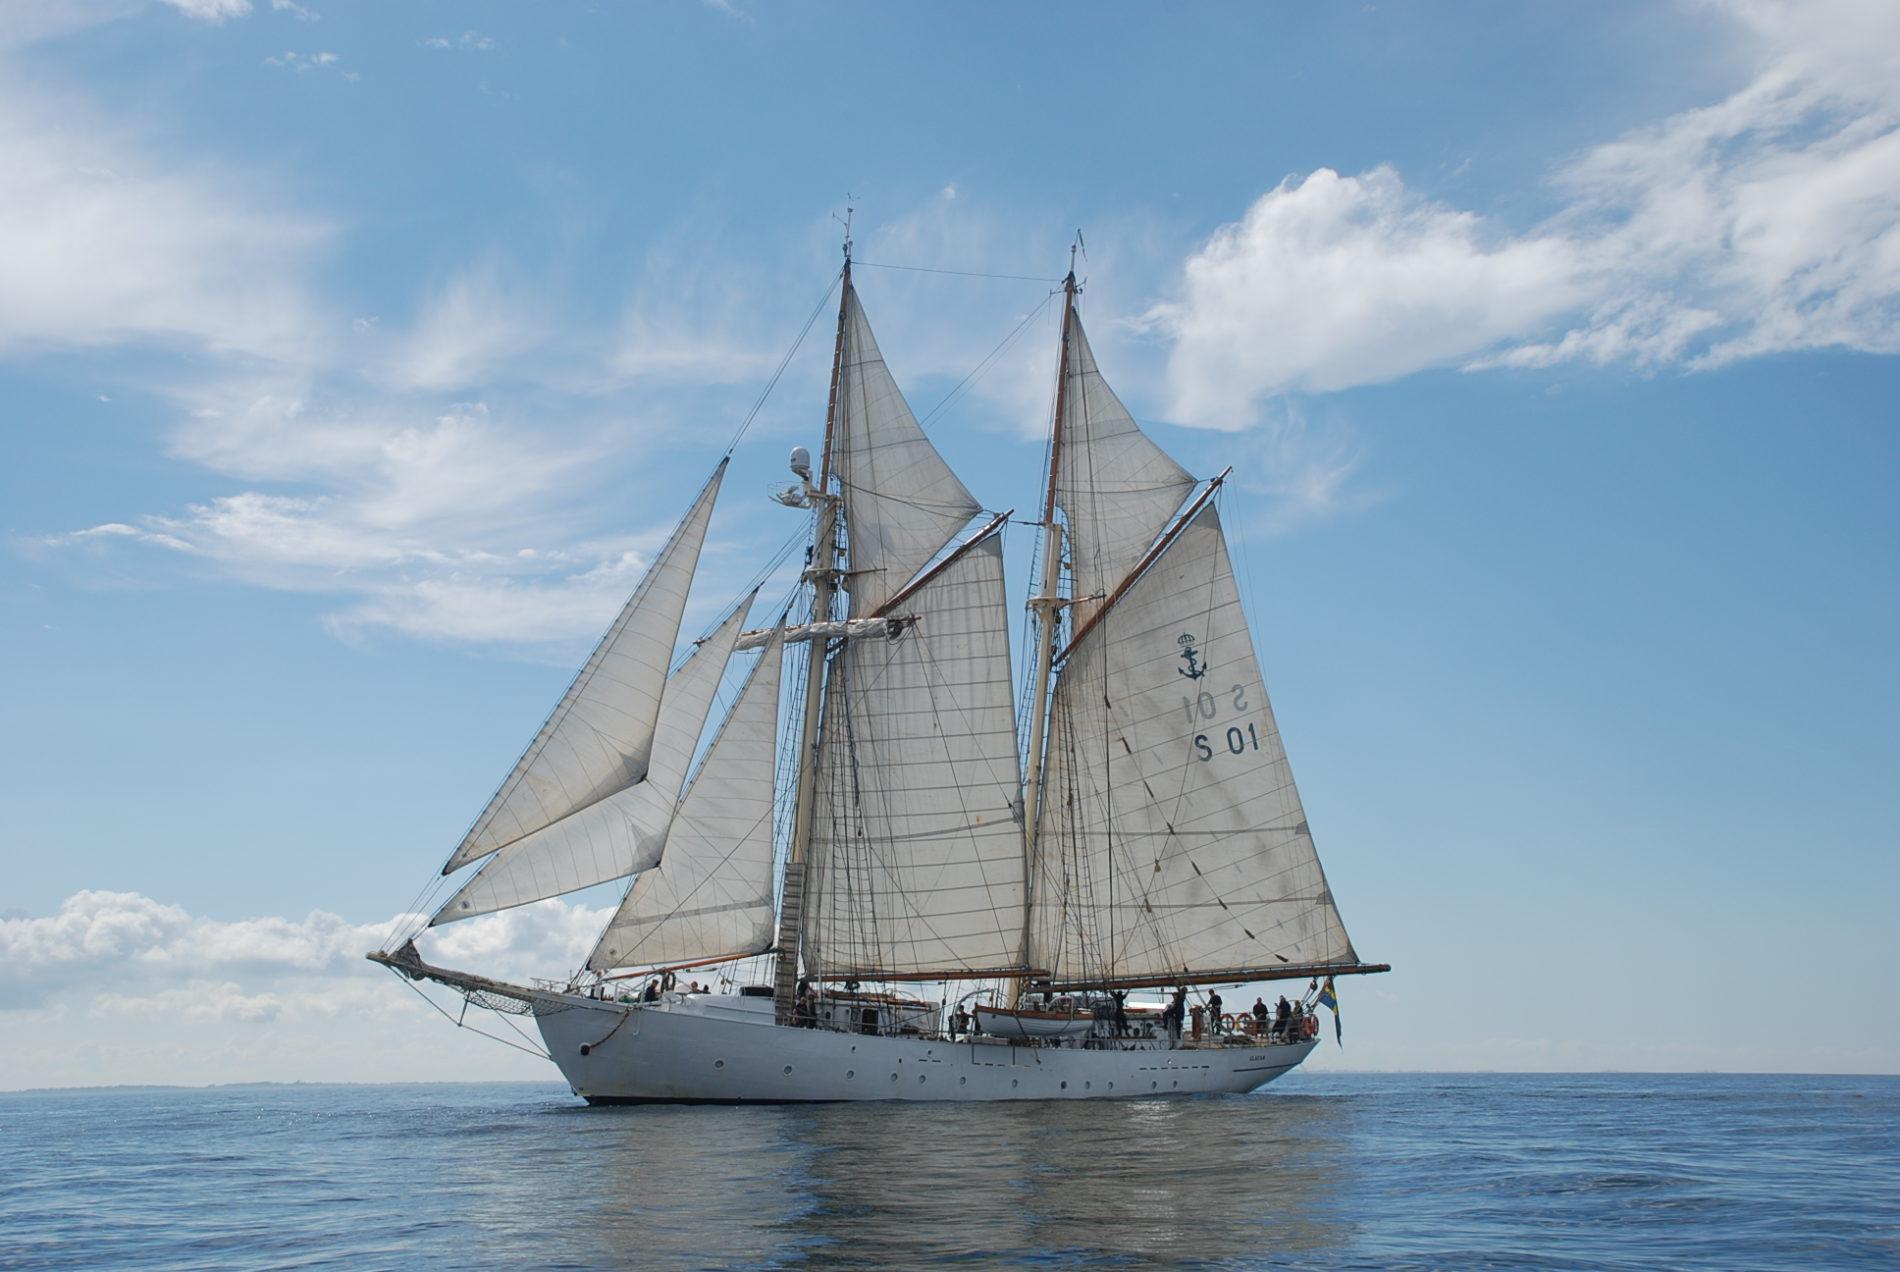 Tall Ship Gladan ligt in een stille zee met wolken op de achtergrond